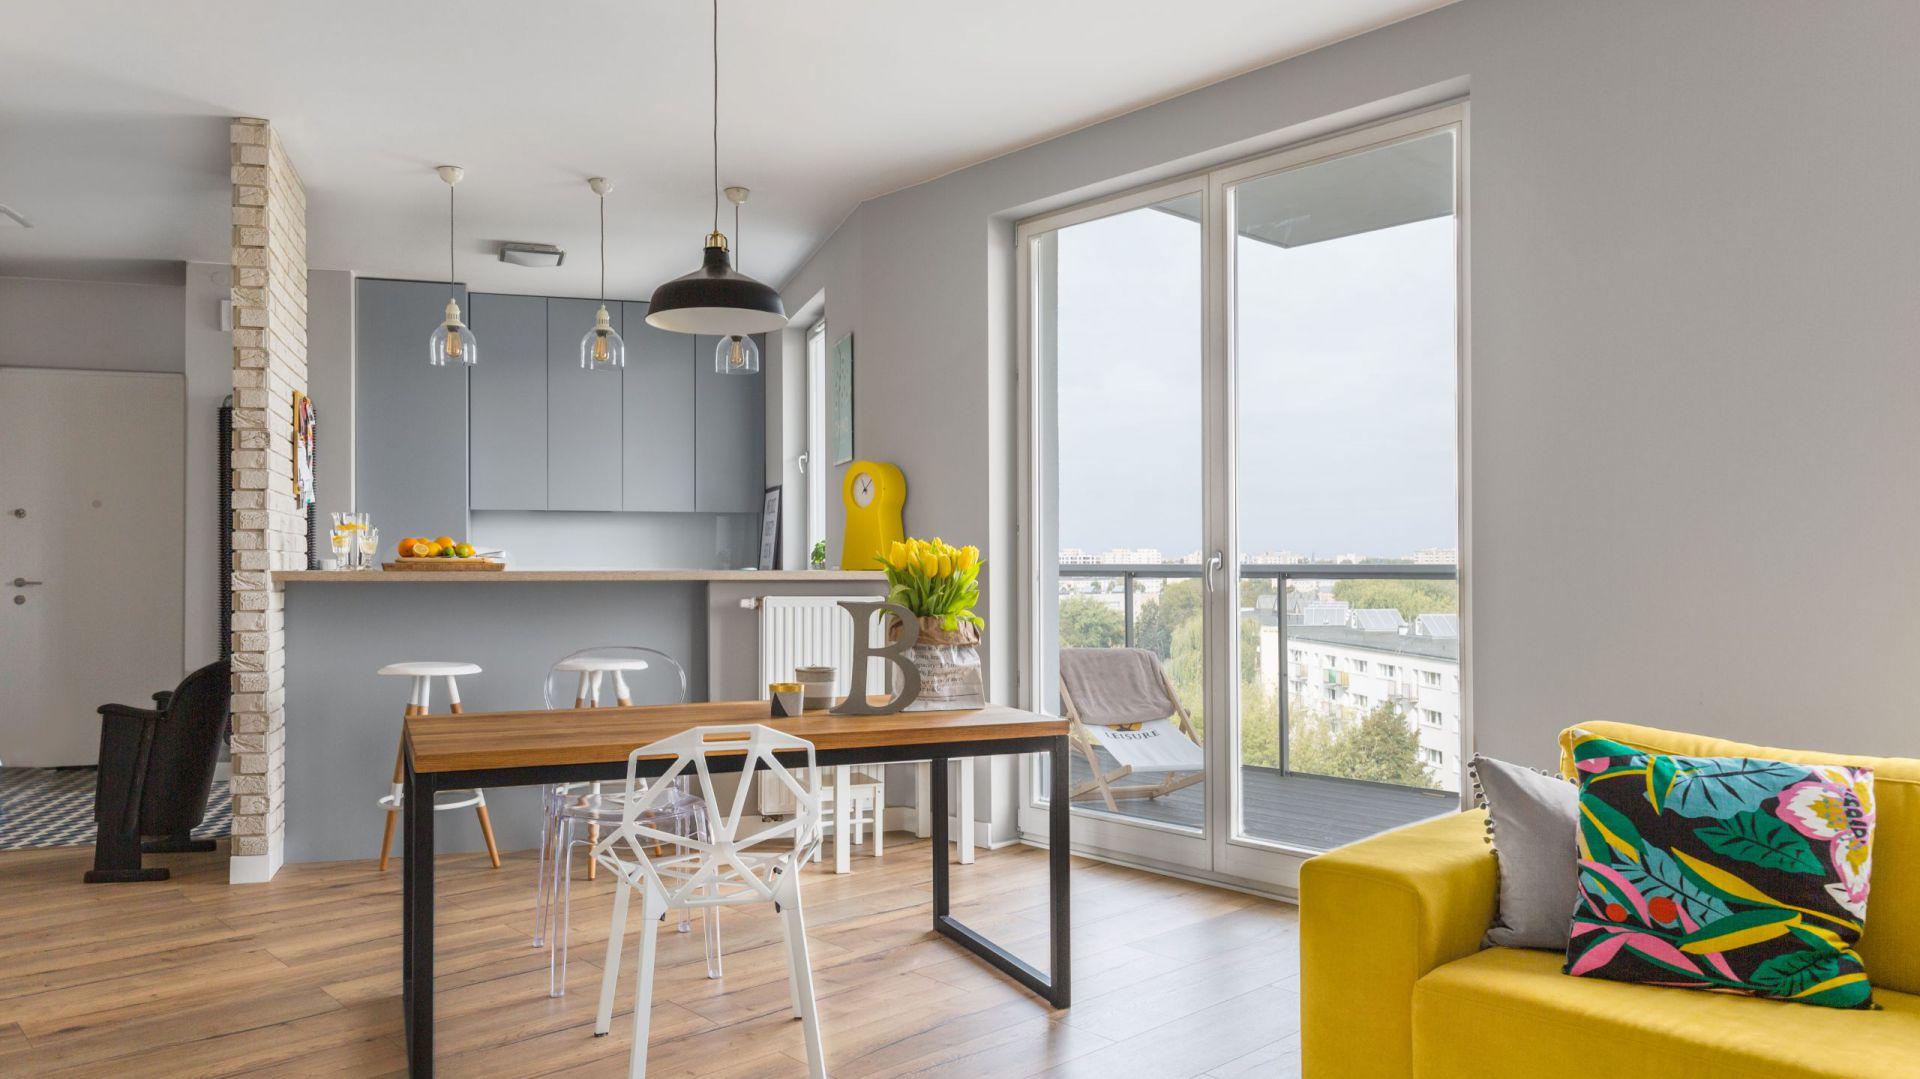 Salon z kuchnią otwartą. Projekt: Decoroom. Fot. Marta Behling / Pion Poziom Fotografia Wnętrz